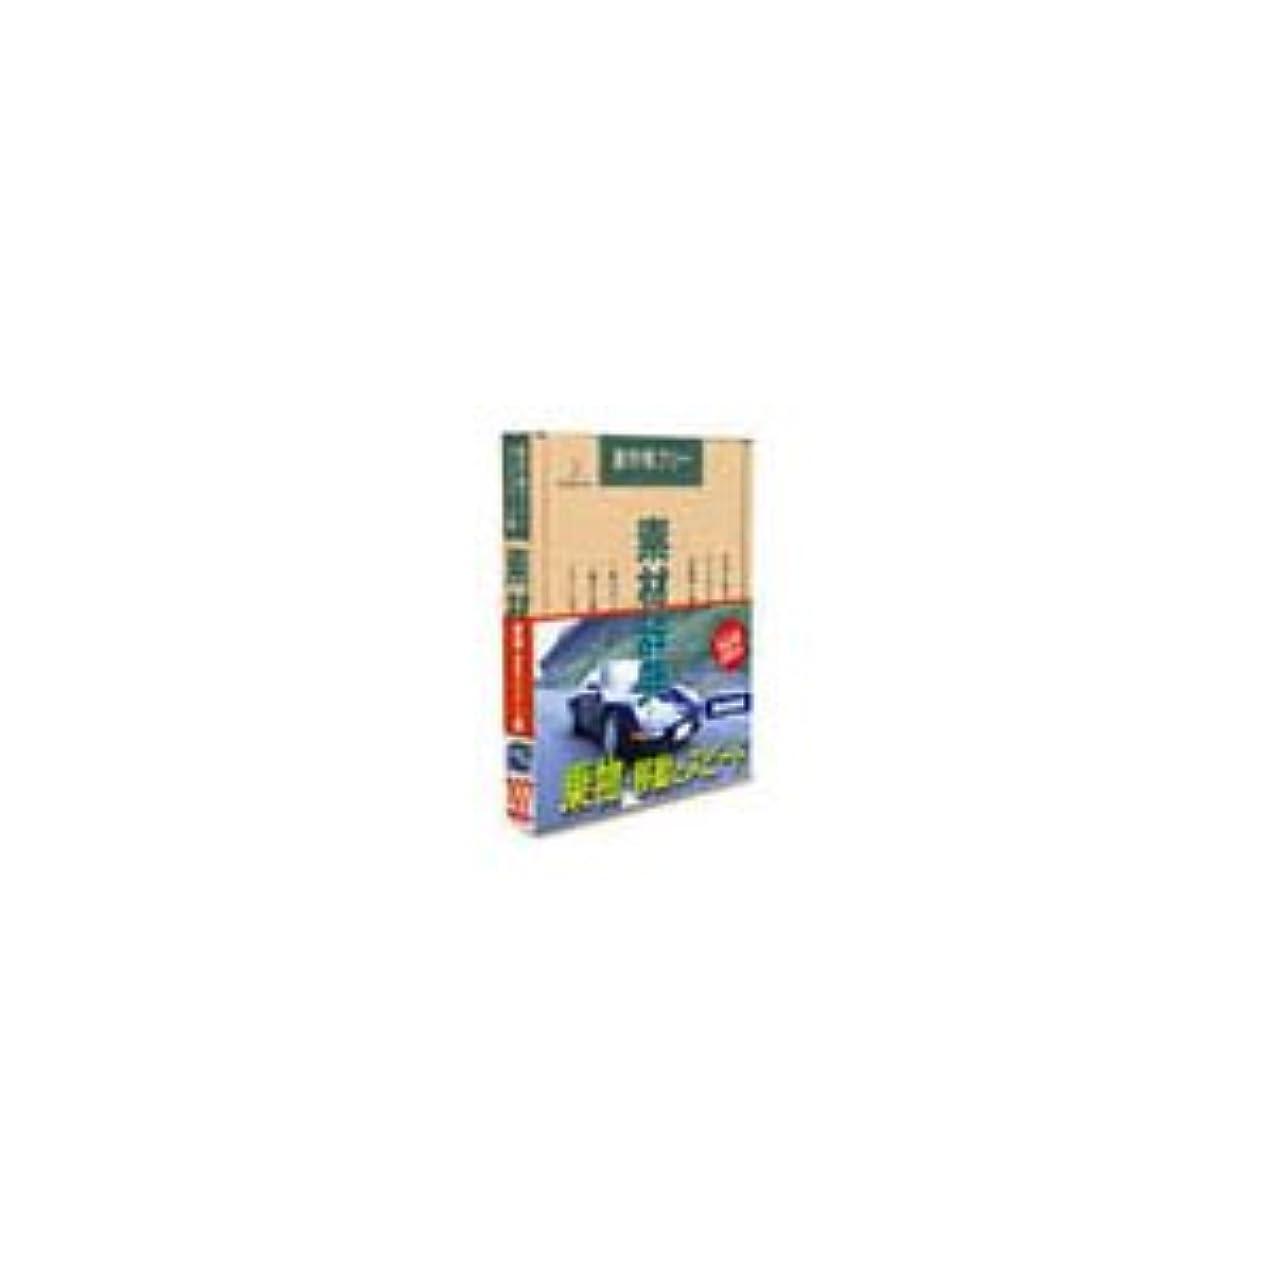 保全留まる説明写真素材 素材辞典Vol.107 乗物 移動とスピード